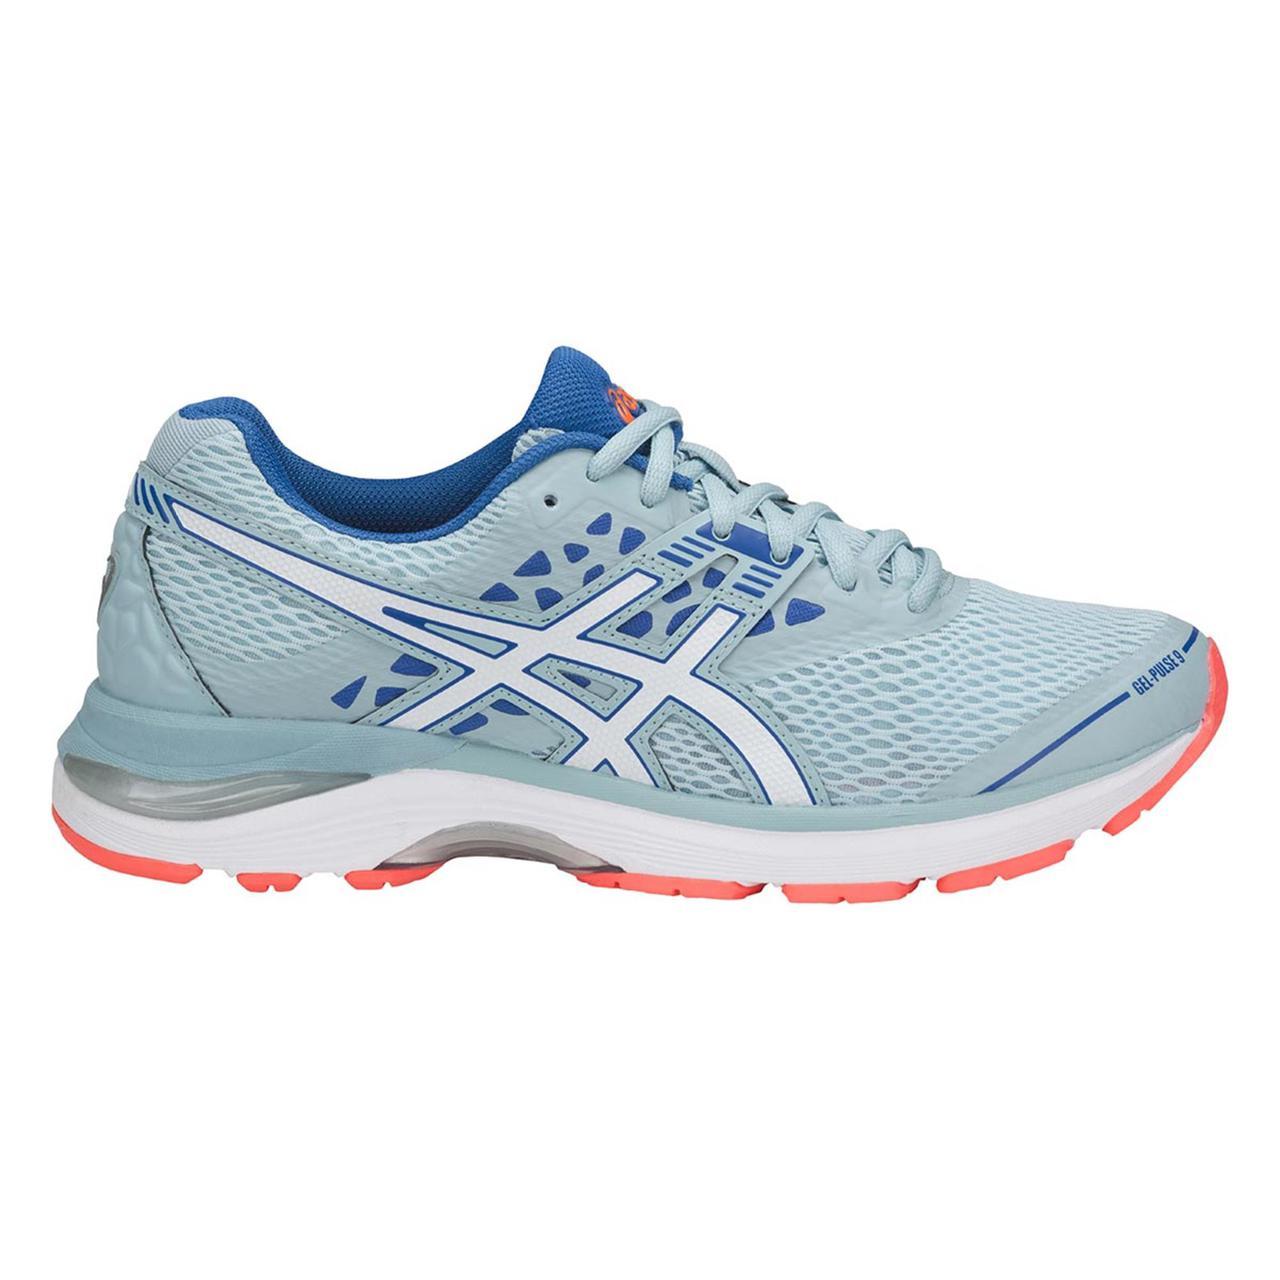 365cc9b9 Кроссовки для бега женские Asics Gel Pulse 9 T7D8N-1401 - sportmarathon.com.